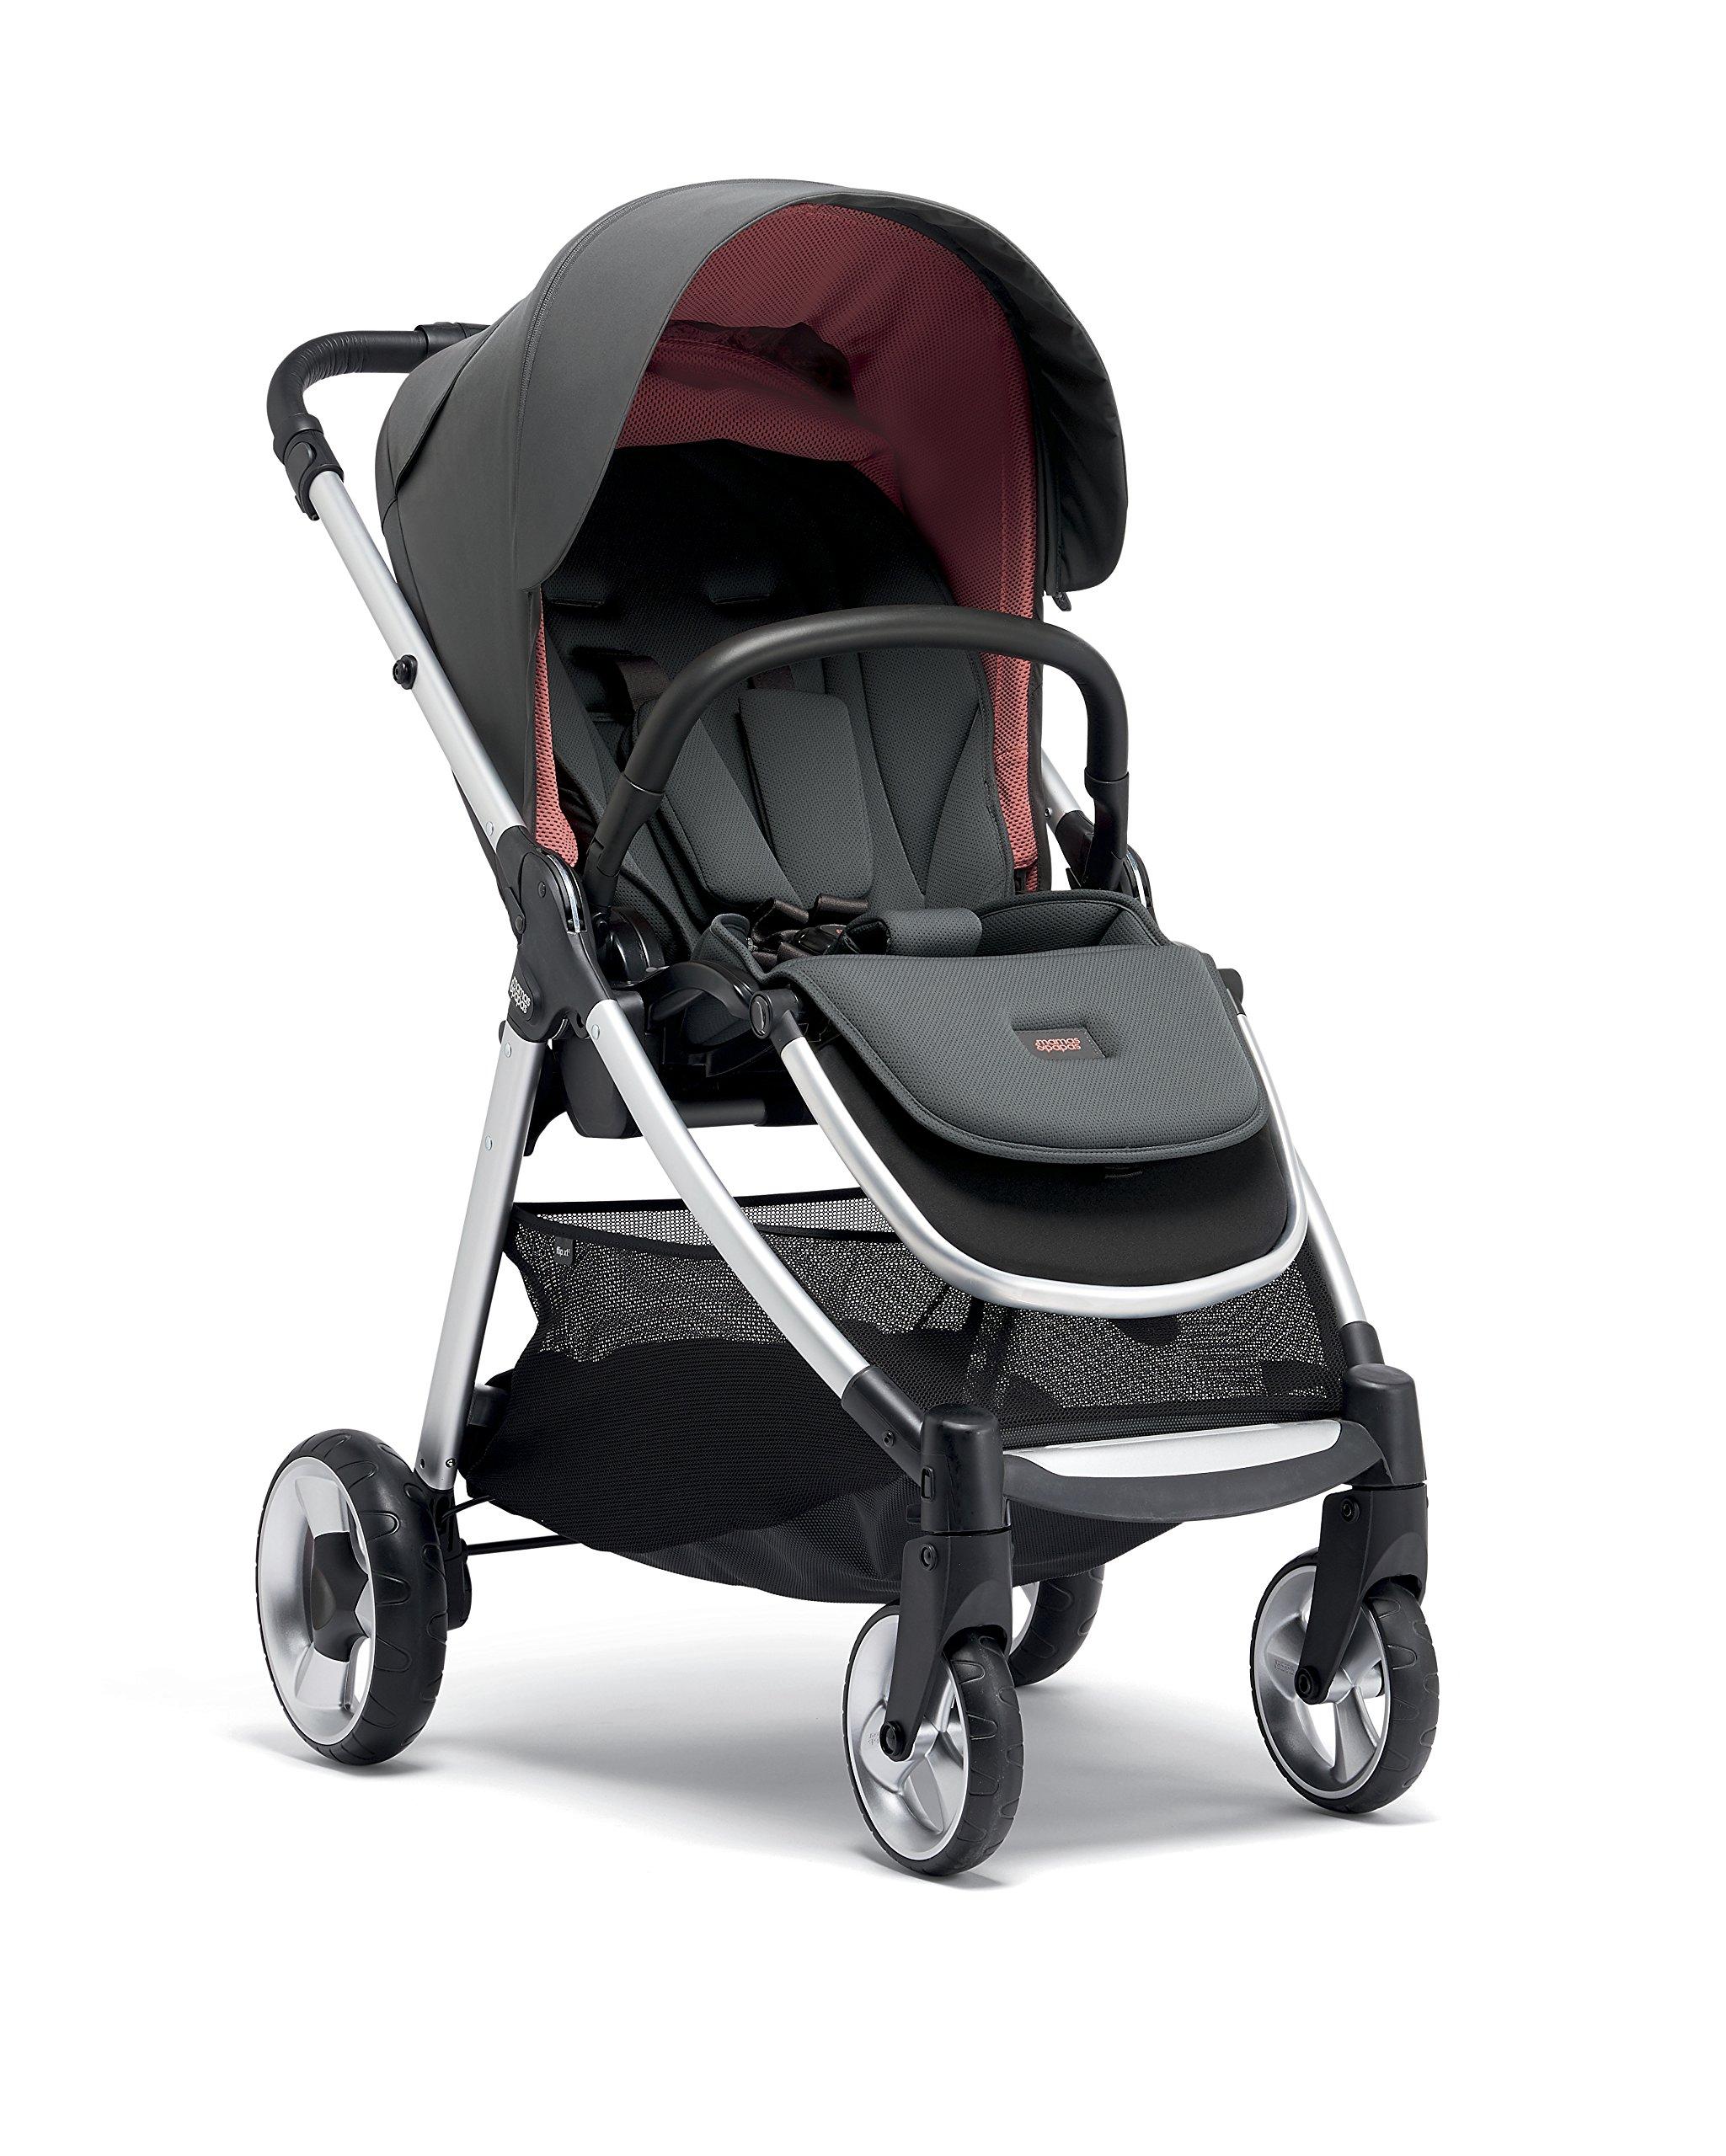 Mamas & Papas Flip XT2 Pushchair, Grey/Coral Mamas & Papas  1